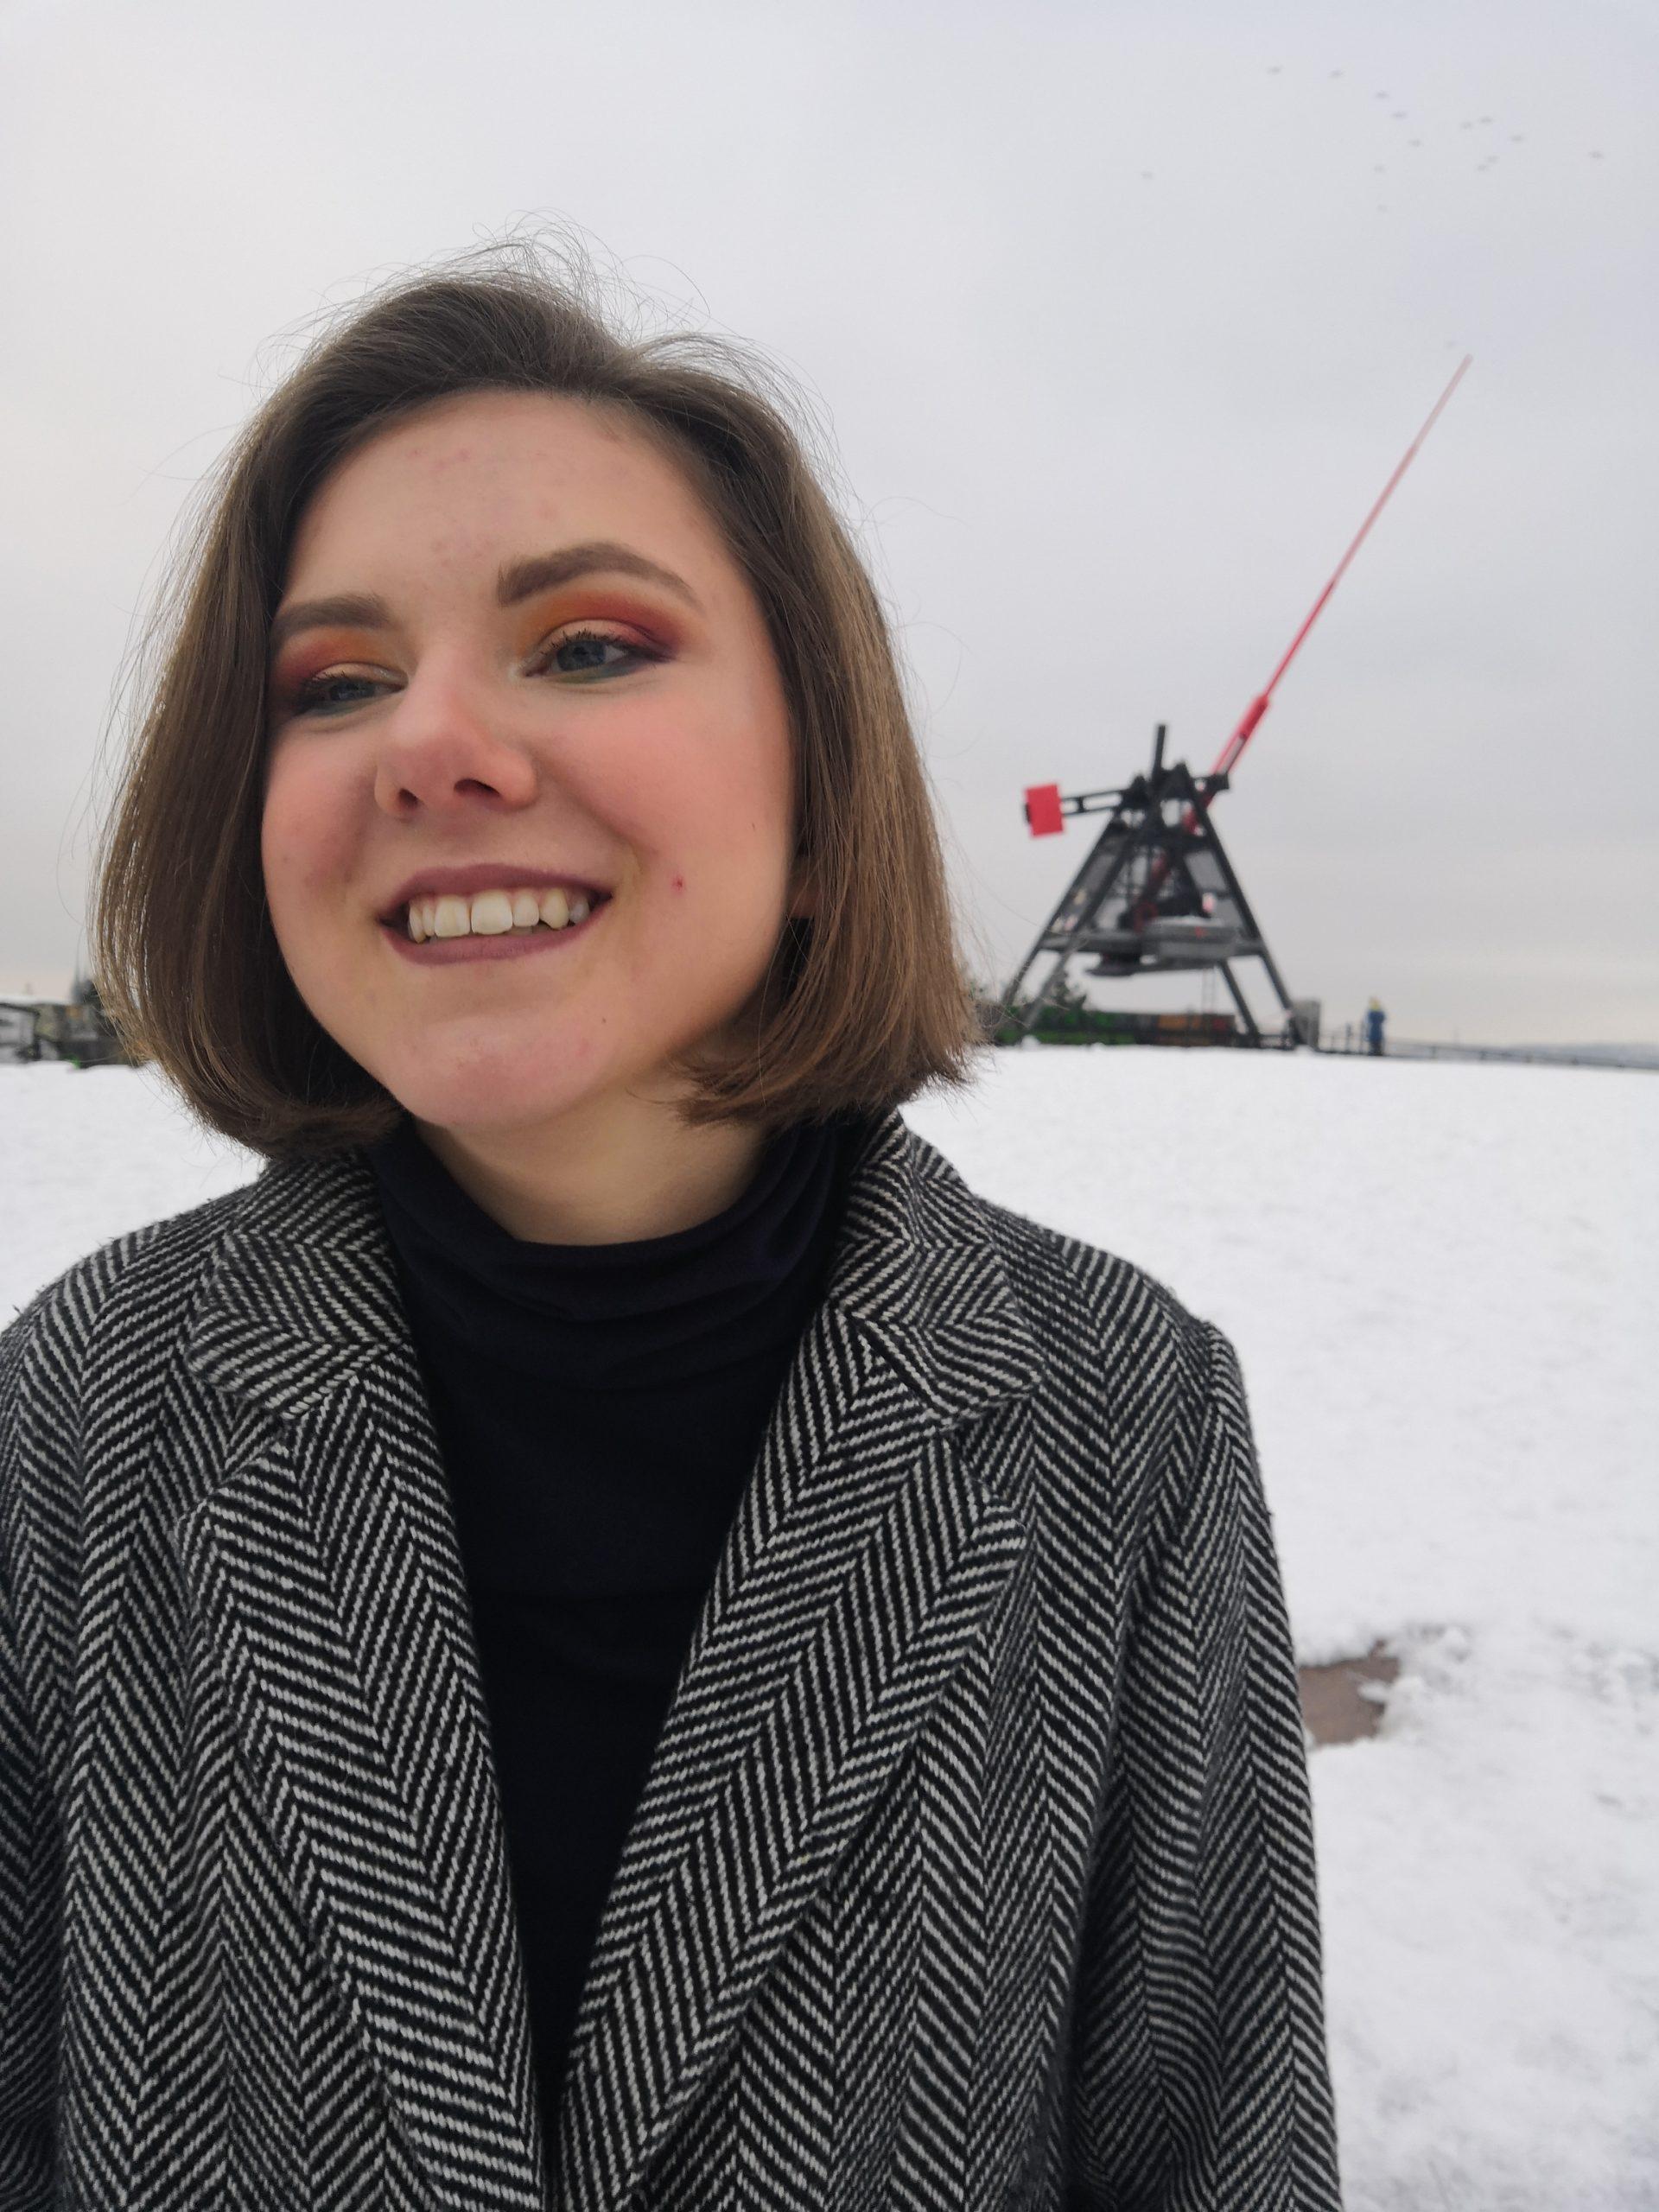 Klára Jašková, 18 Jahre, Prag